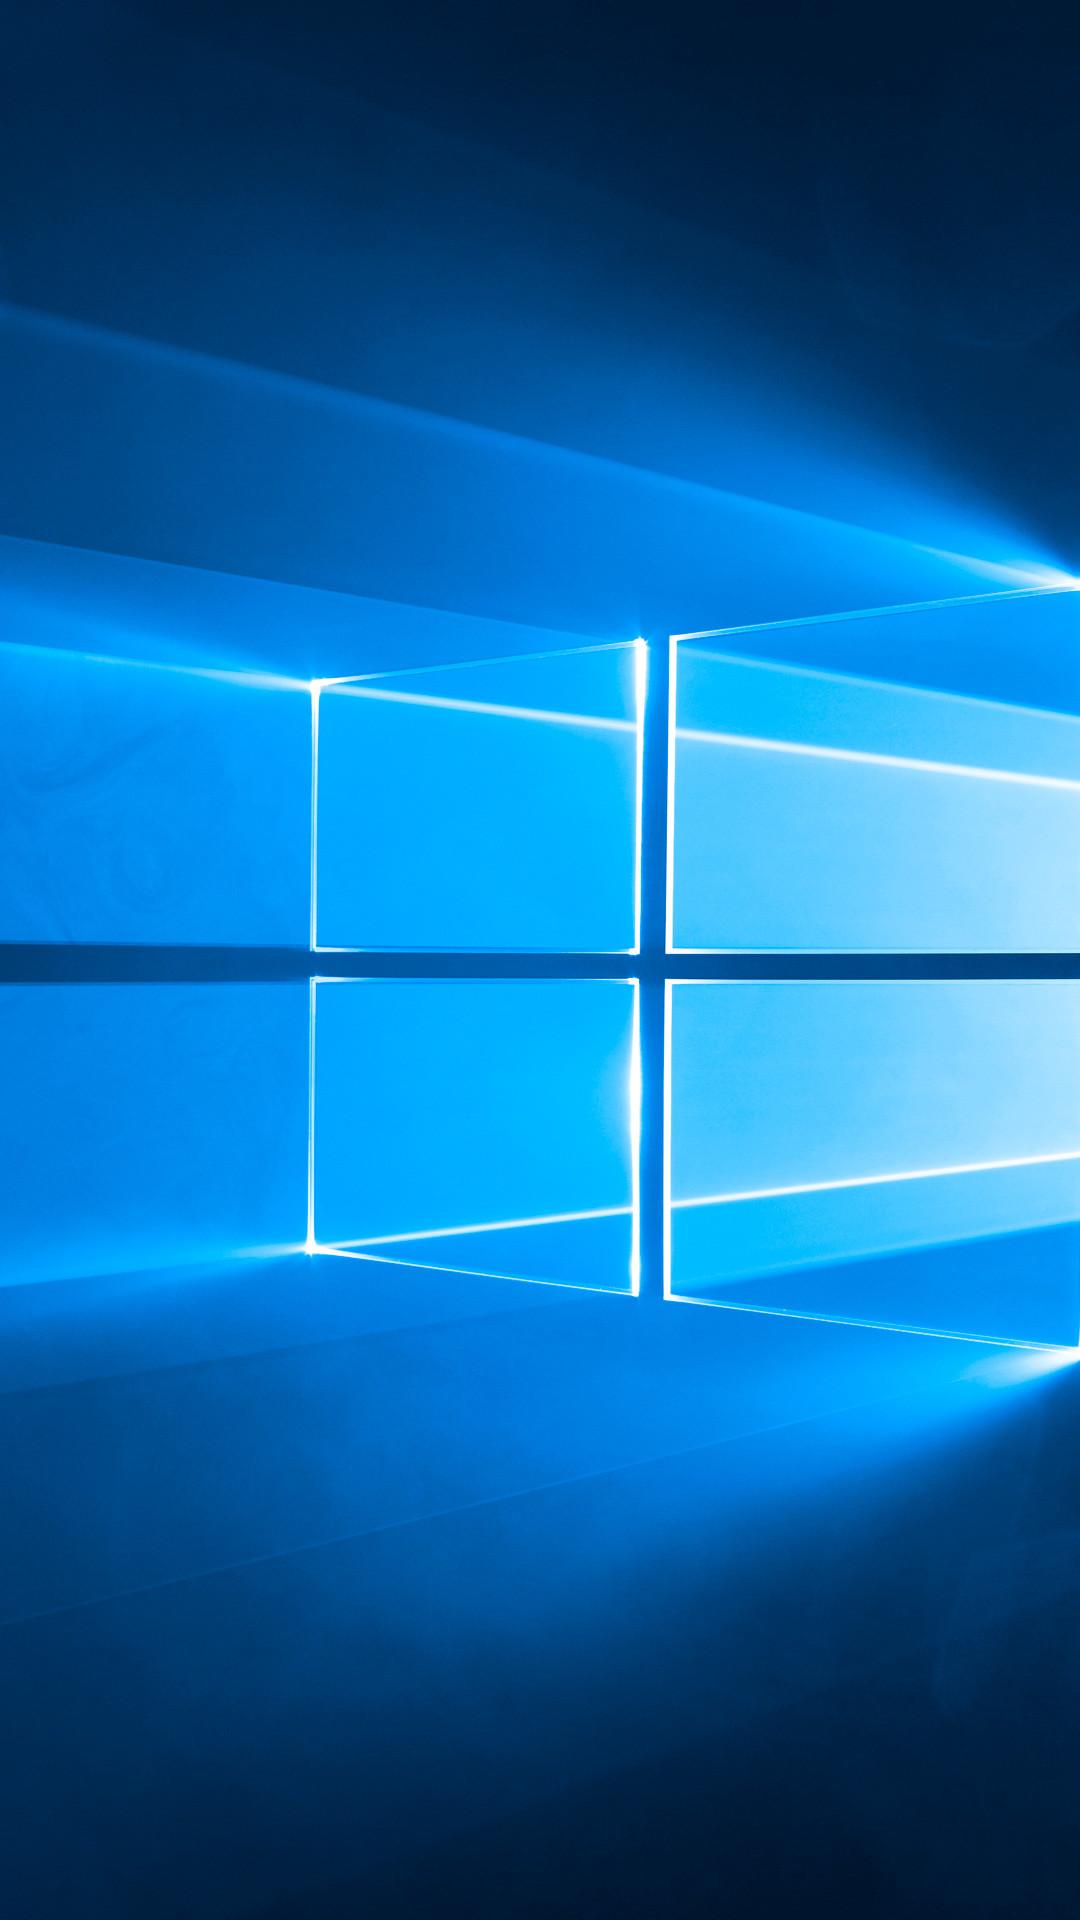 Windows 10 Mobile Wallpaper WallpaperSafari